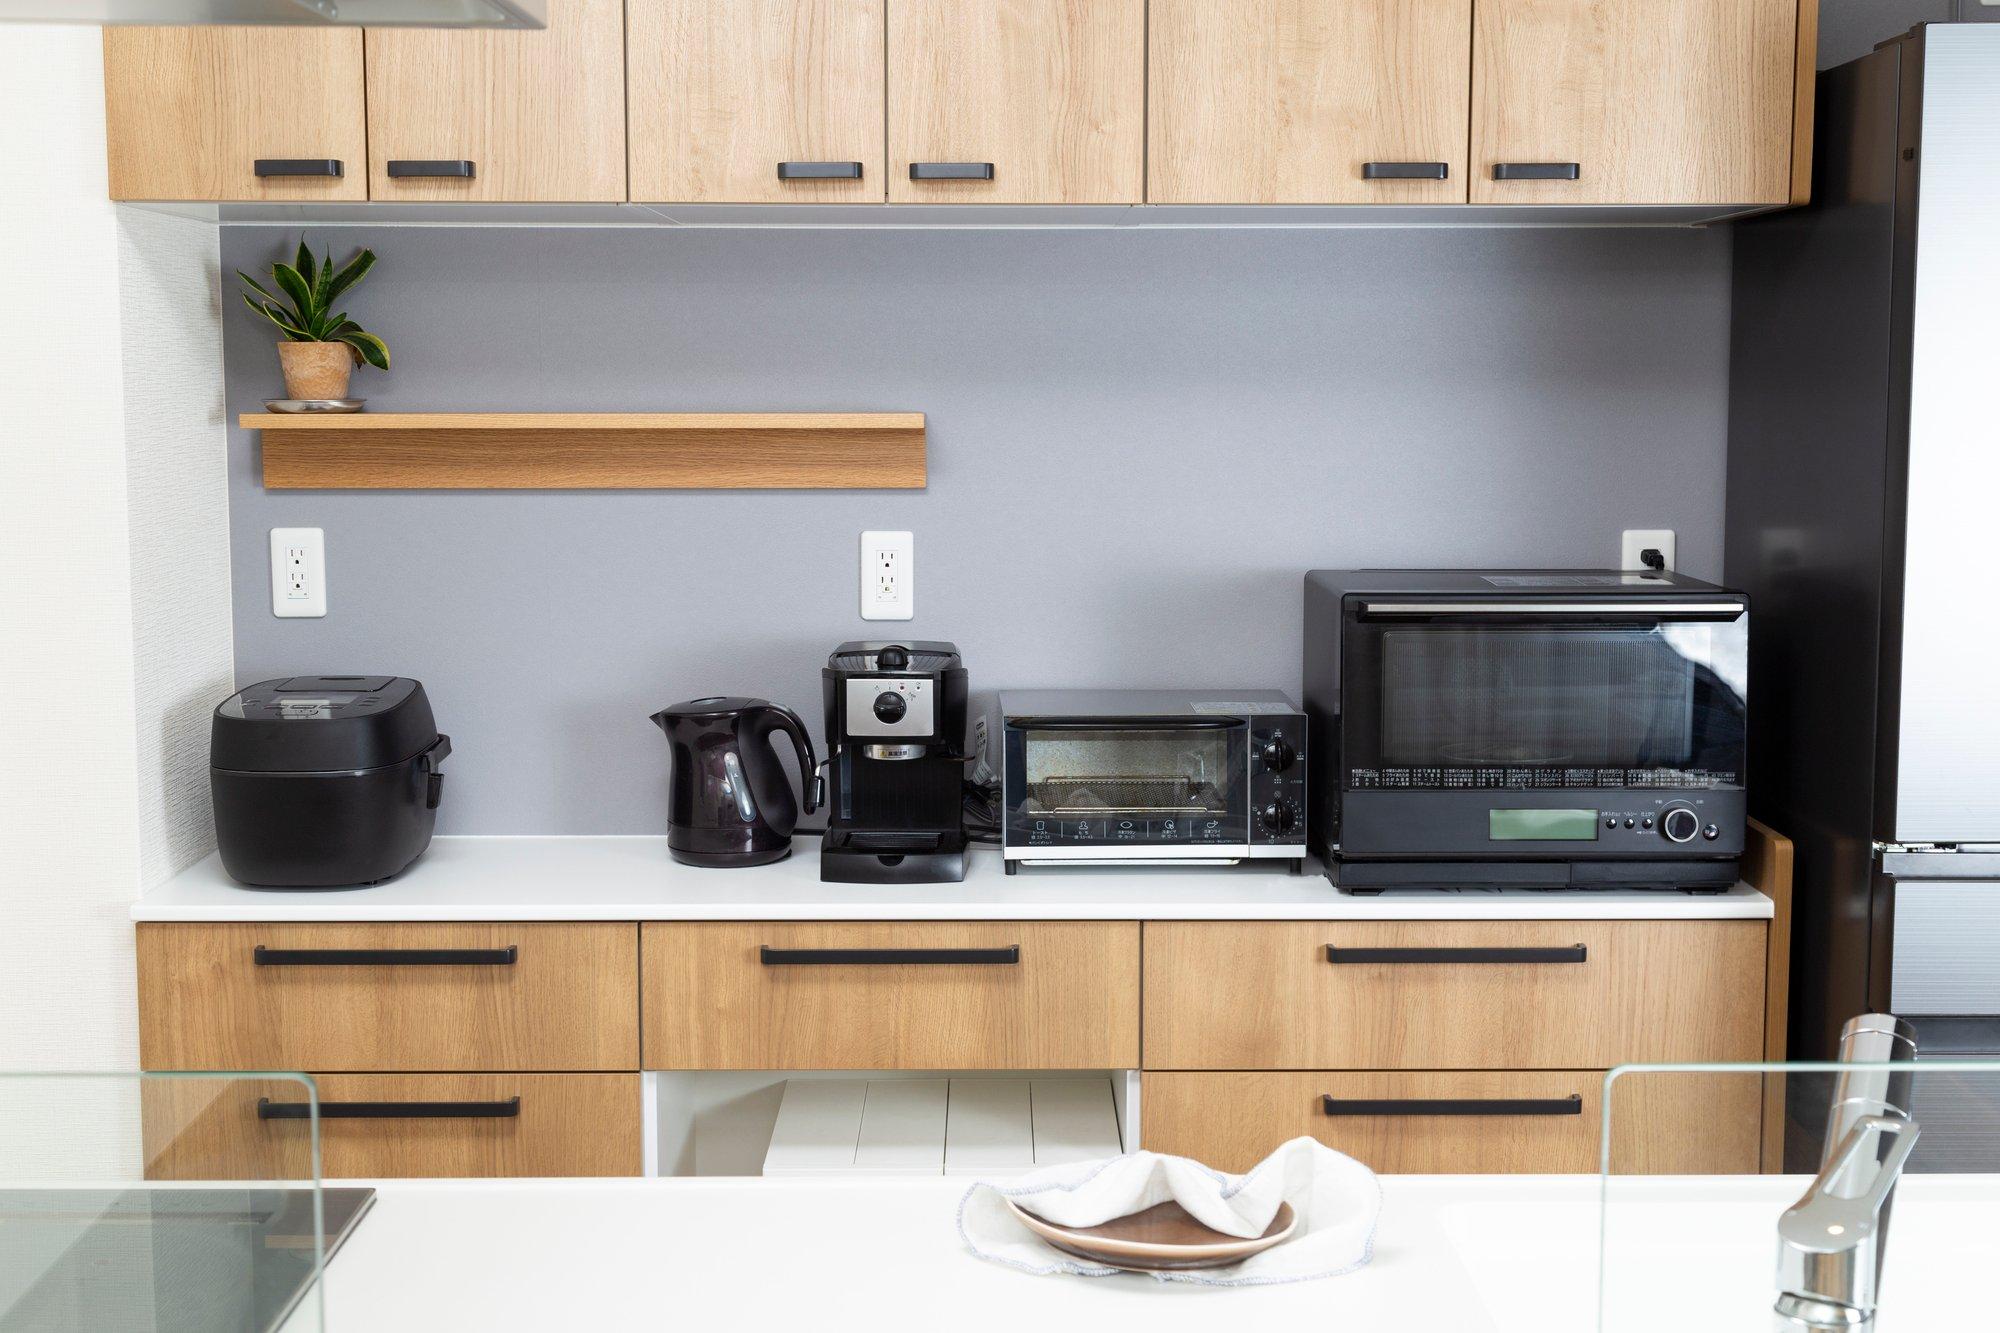 キッチン家電の消費電力は?